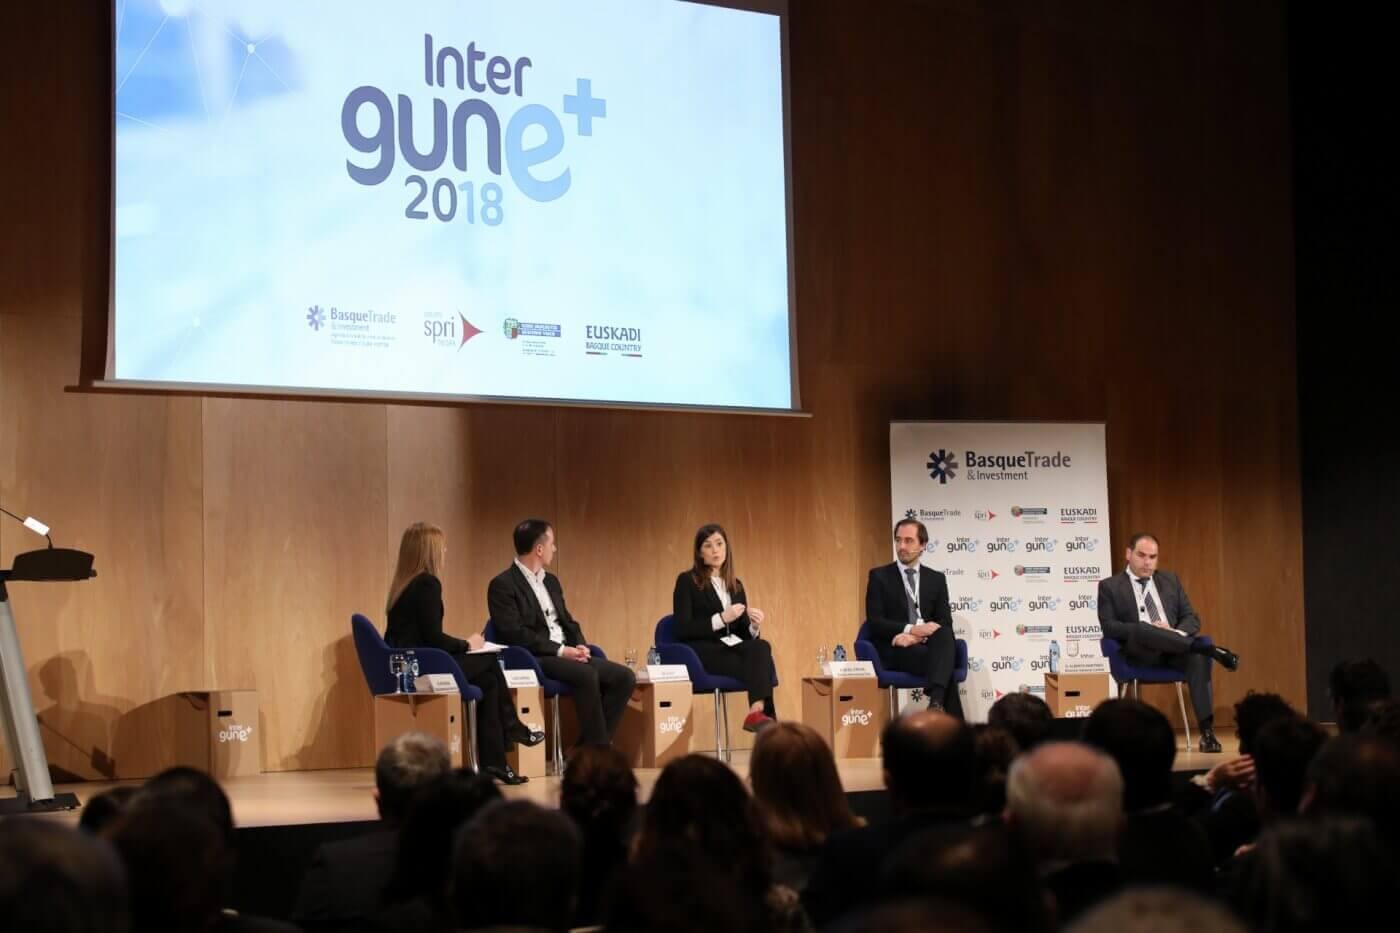 Intergune+ 2018: <br> Los vídeos del programa de conferencias